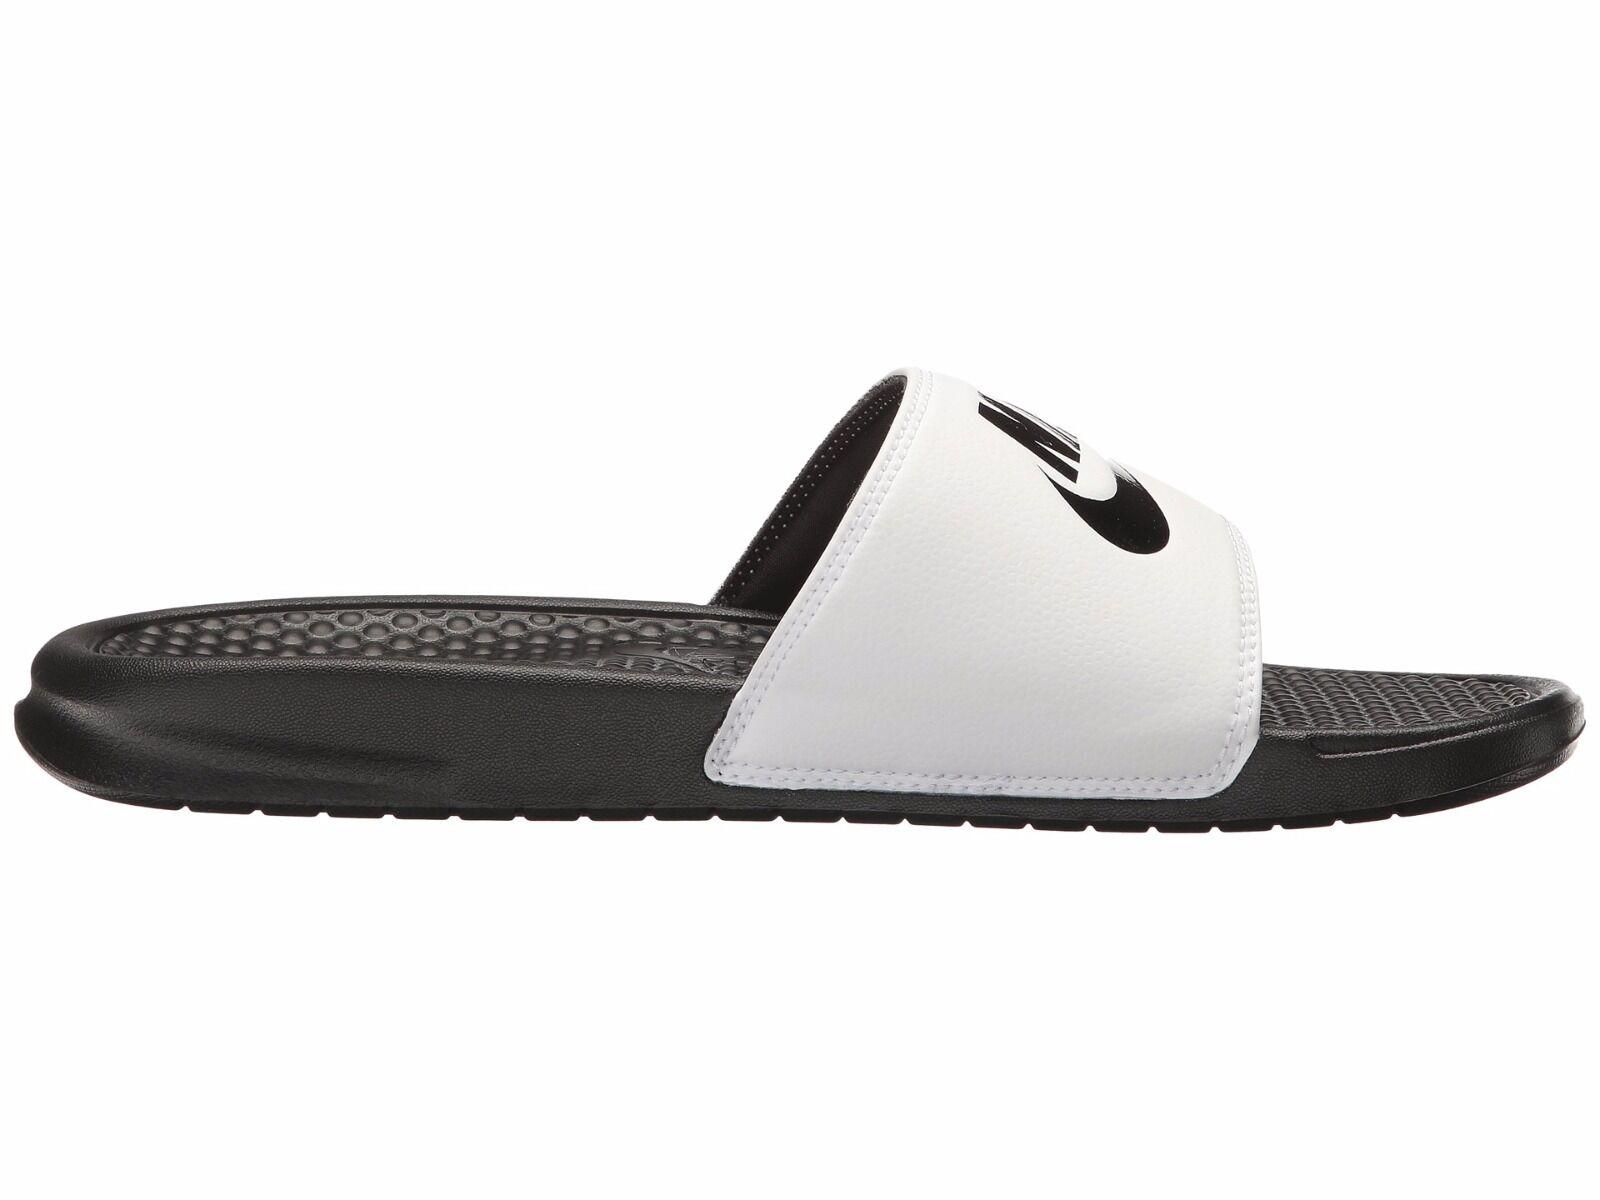 Nuova unisex nike s sport slide sandali infradito piscina pantofole uomini 6-18 sz